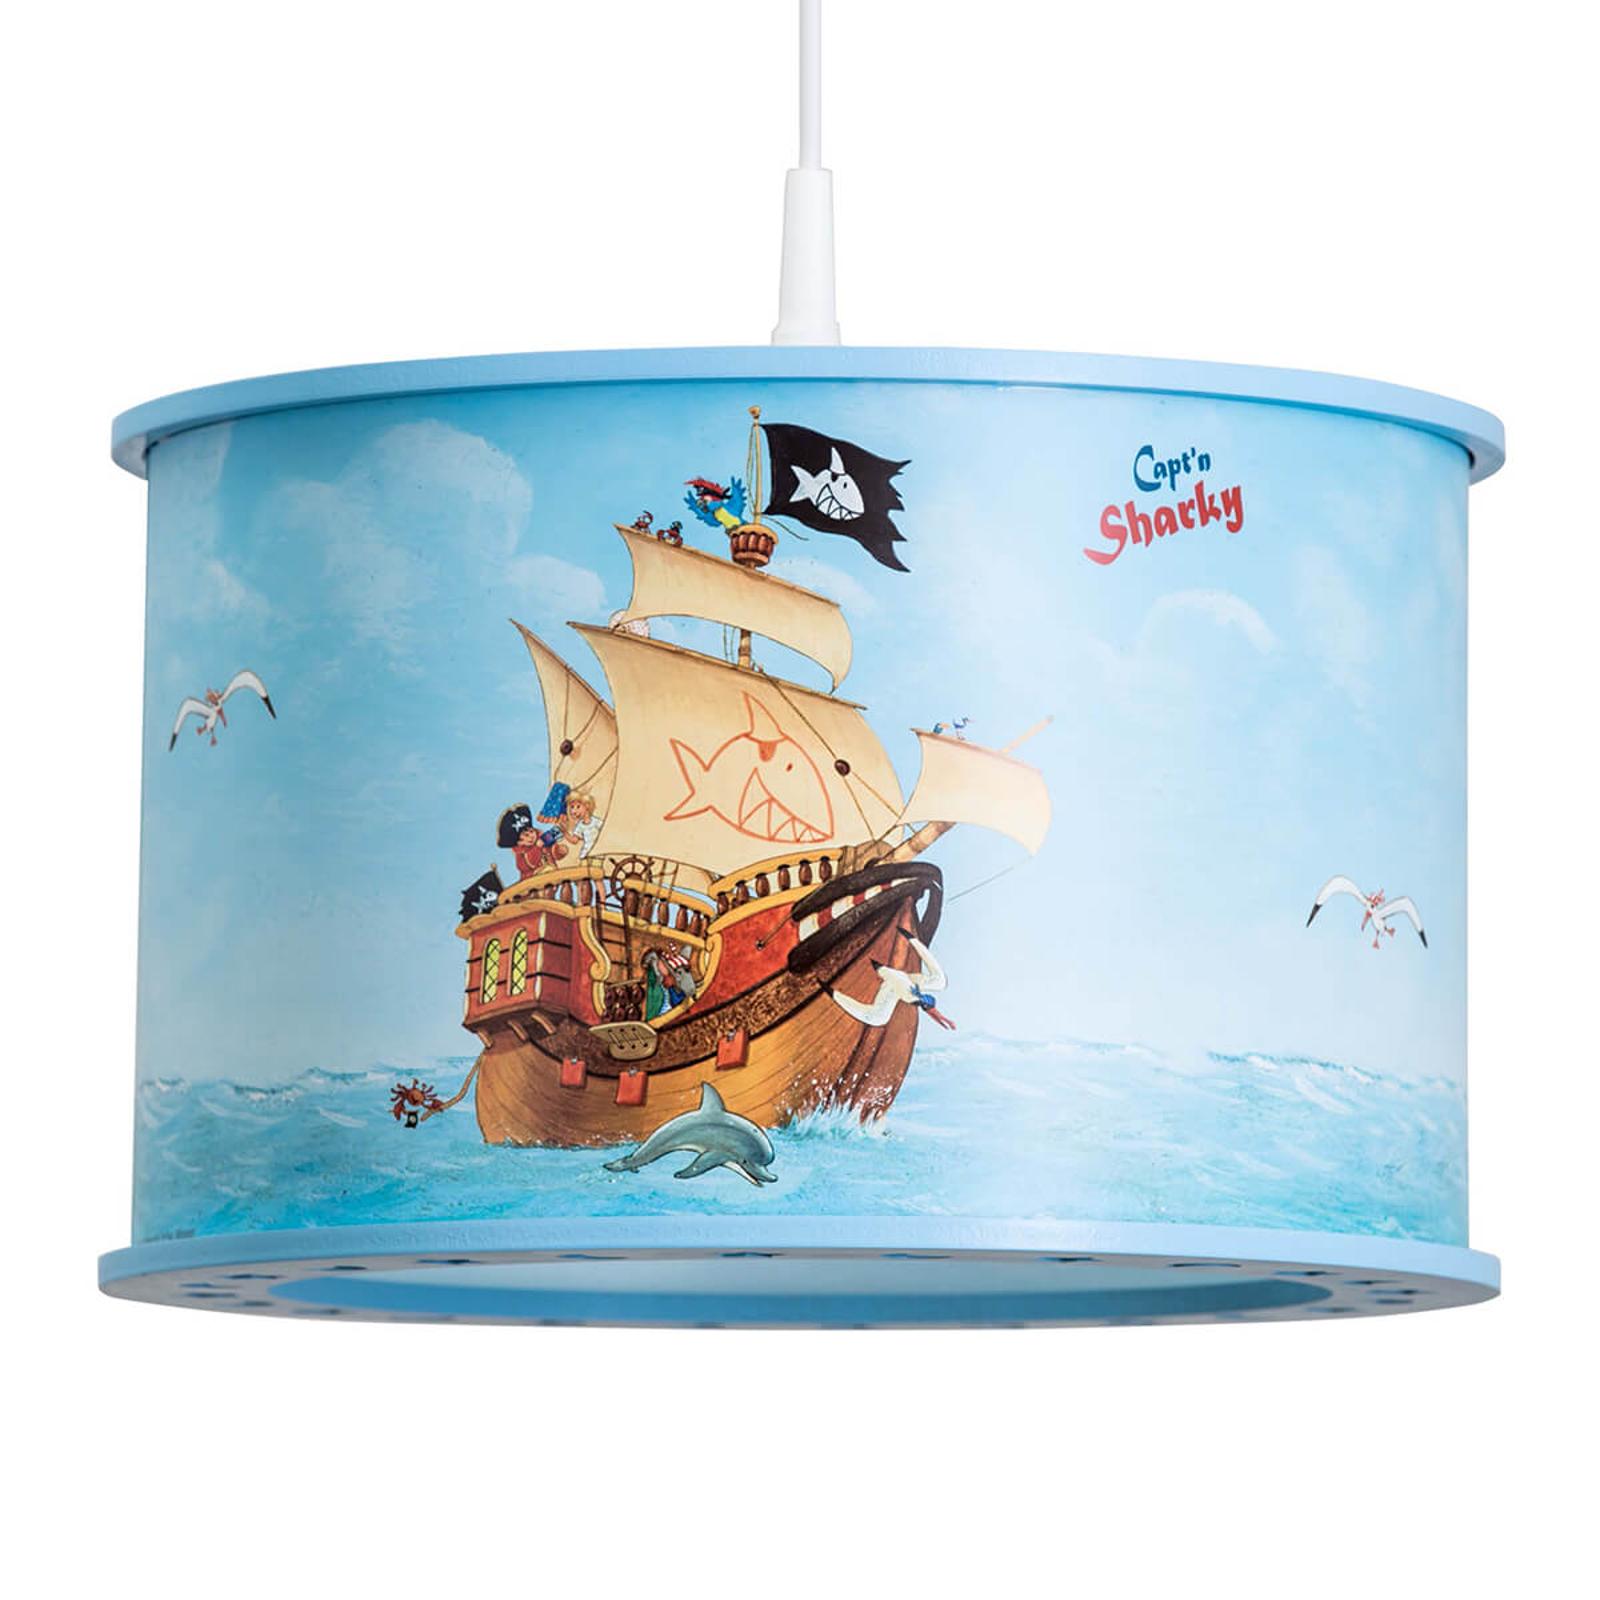 Capt'n Sharky hængelampe til børneværelset